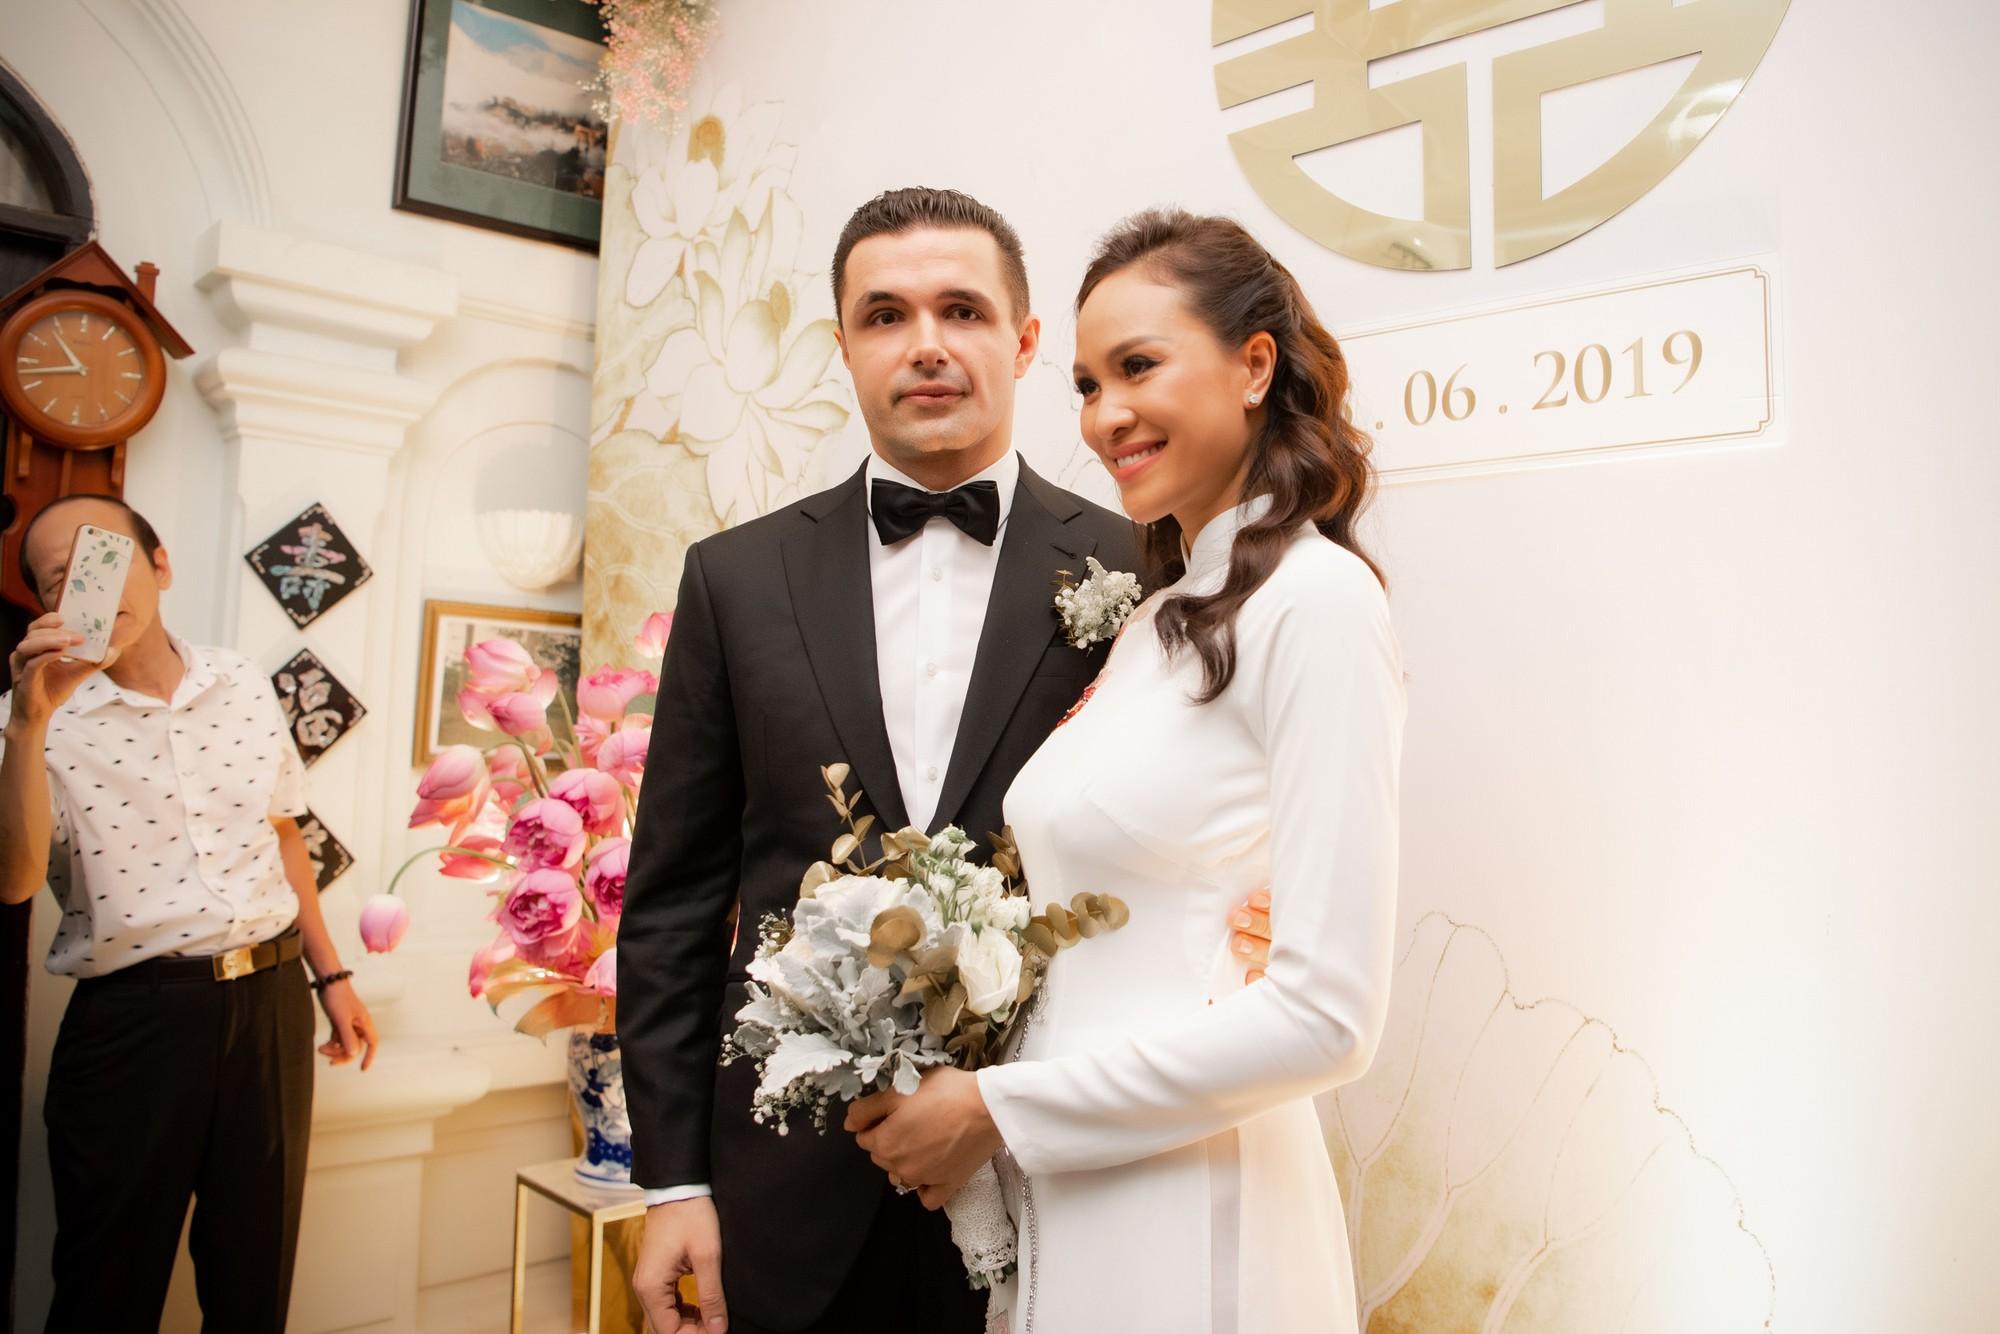 MC Phương Mai bật khóc xúc động, khoá môi ông xã Tây ngọt ngào trong ngày lên xe hoa về nhà chồng - Ảnh 9.